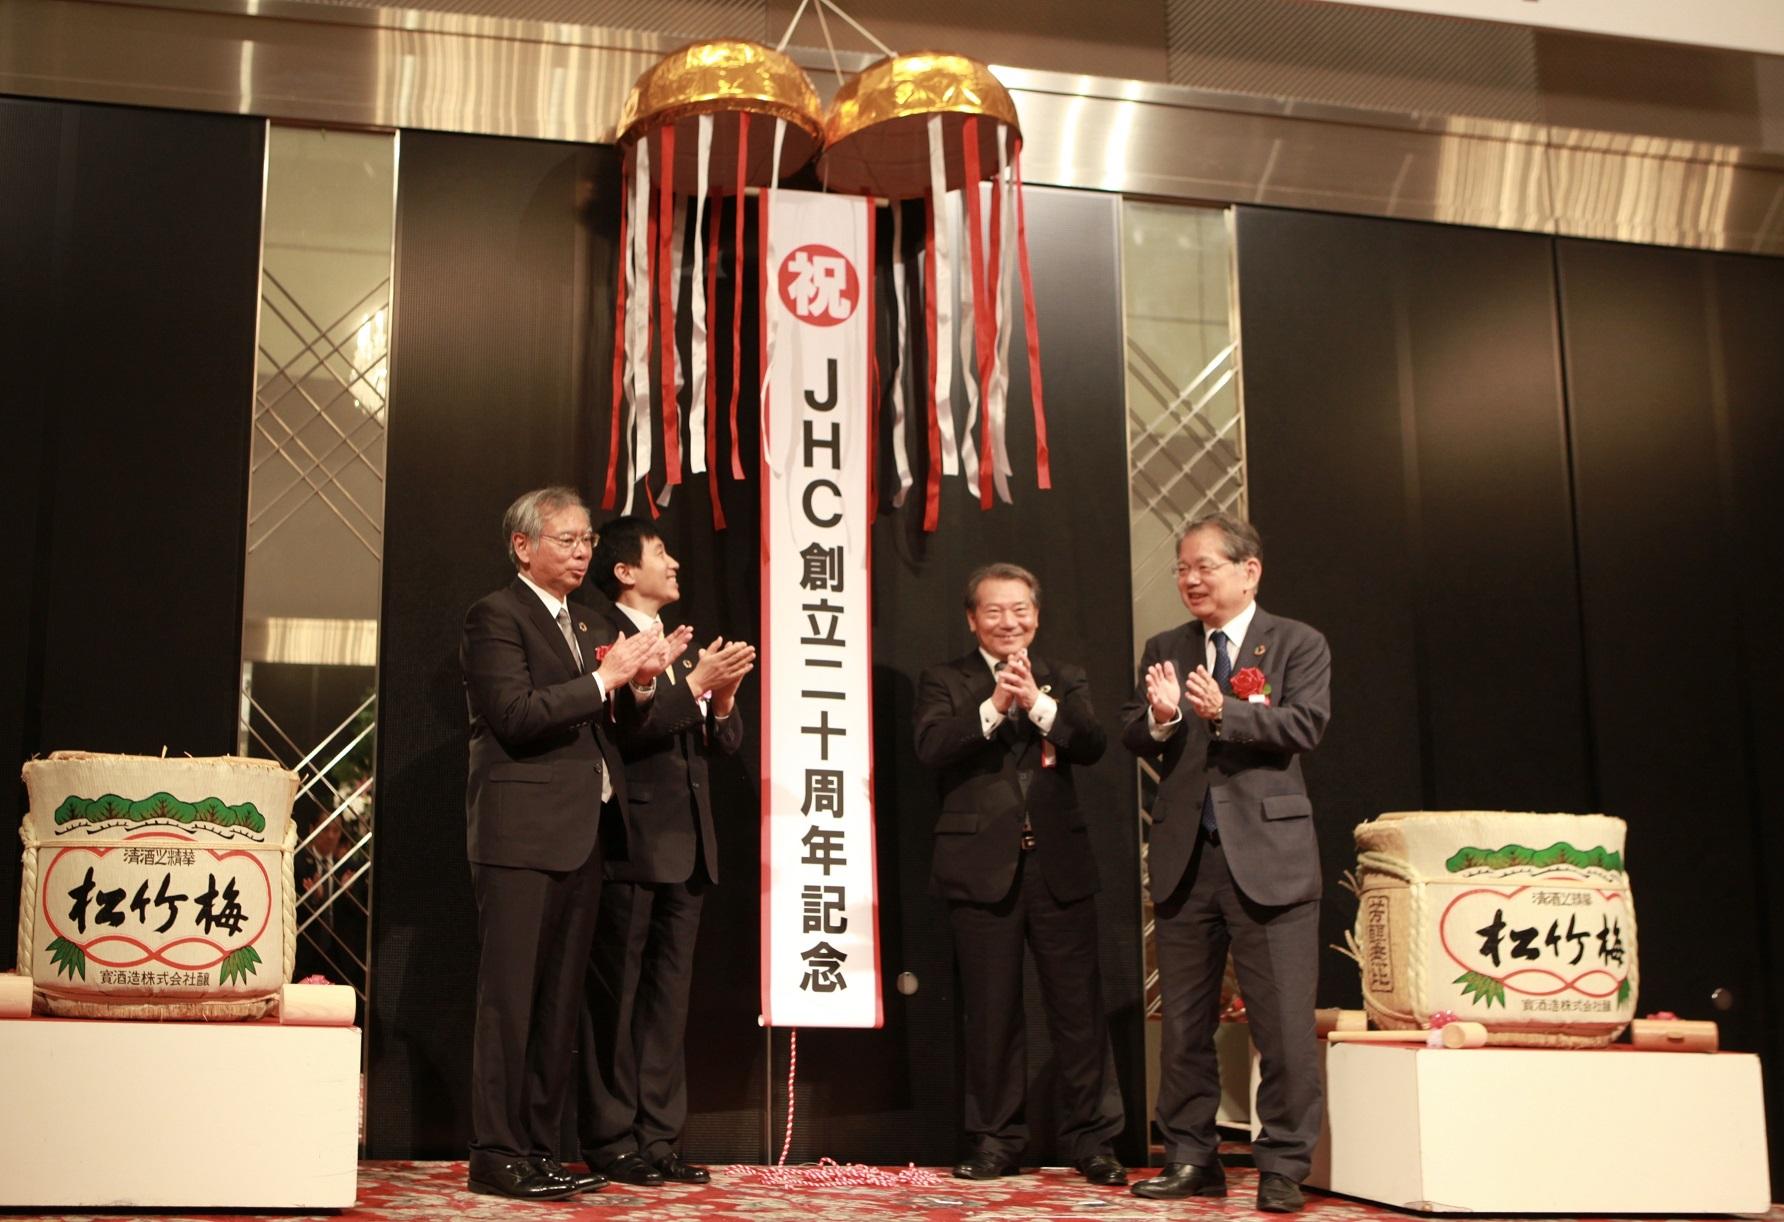 株式会社ハイシンクジャパン創立20周年記念式典開催